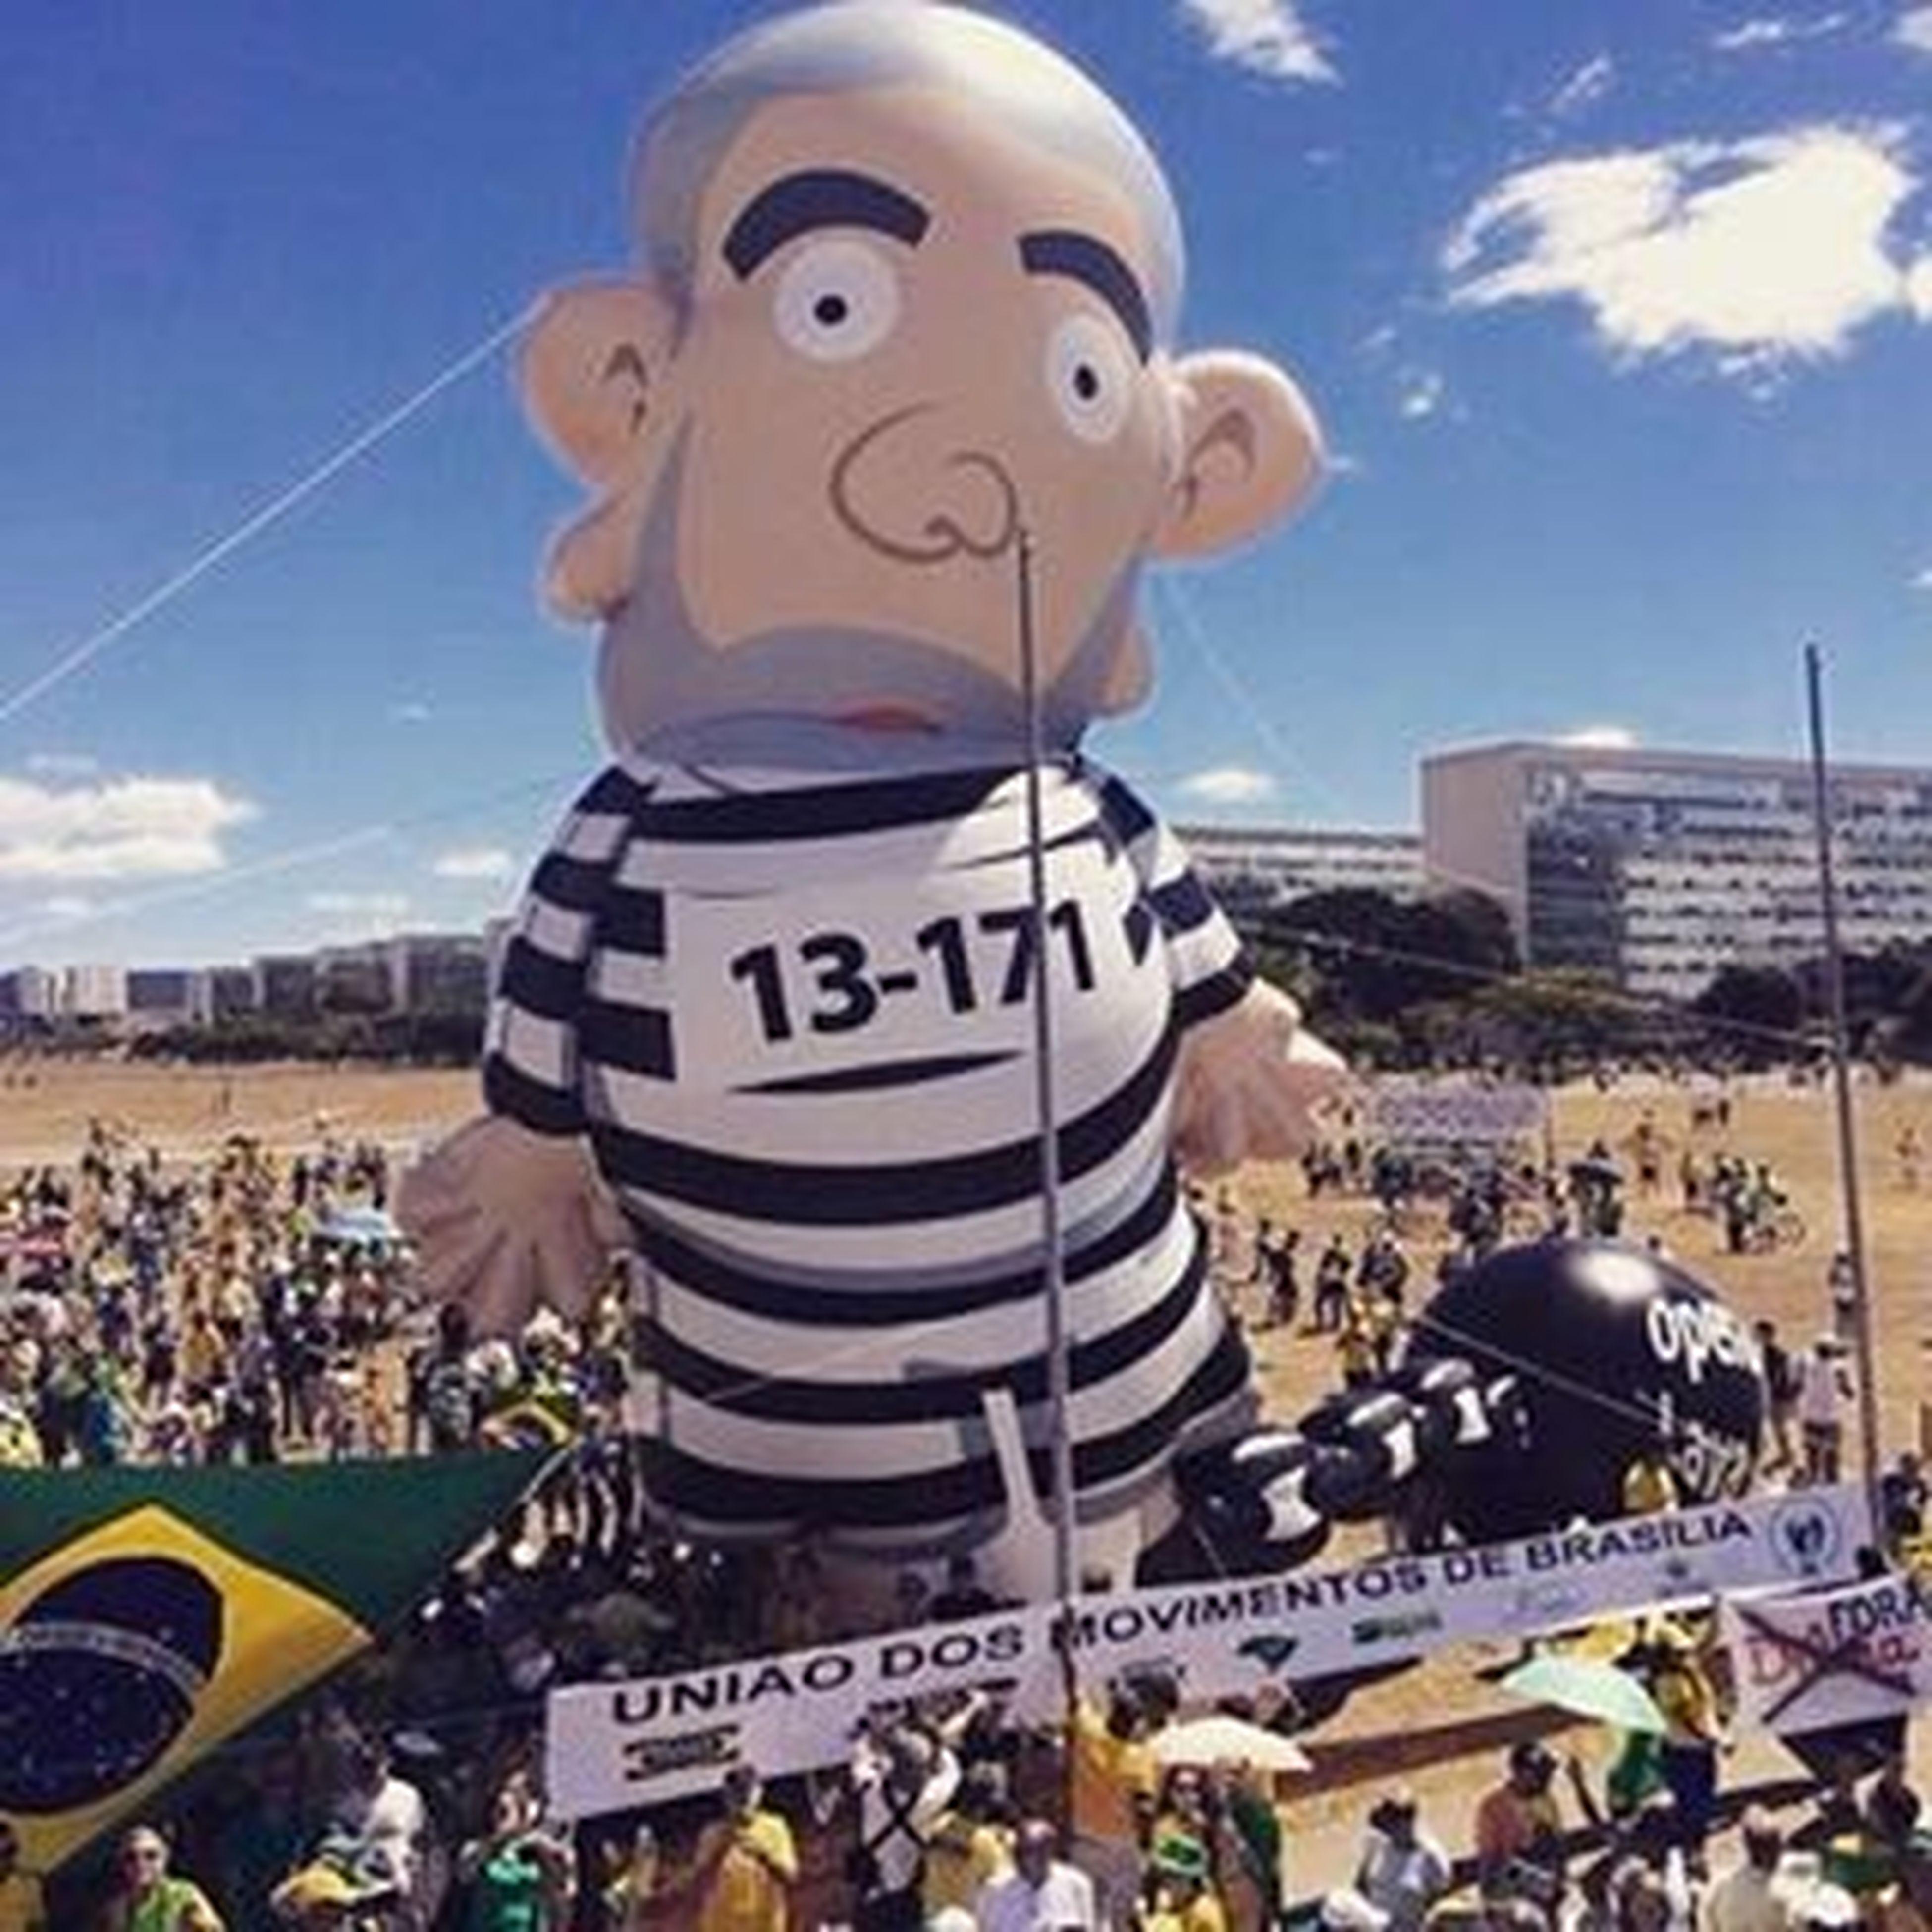 Pixuleco , ou Pixulula , a cara da Corrupção ; o mascote da Lavajato . A mais significativa imagem dessa onda de protestos.